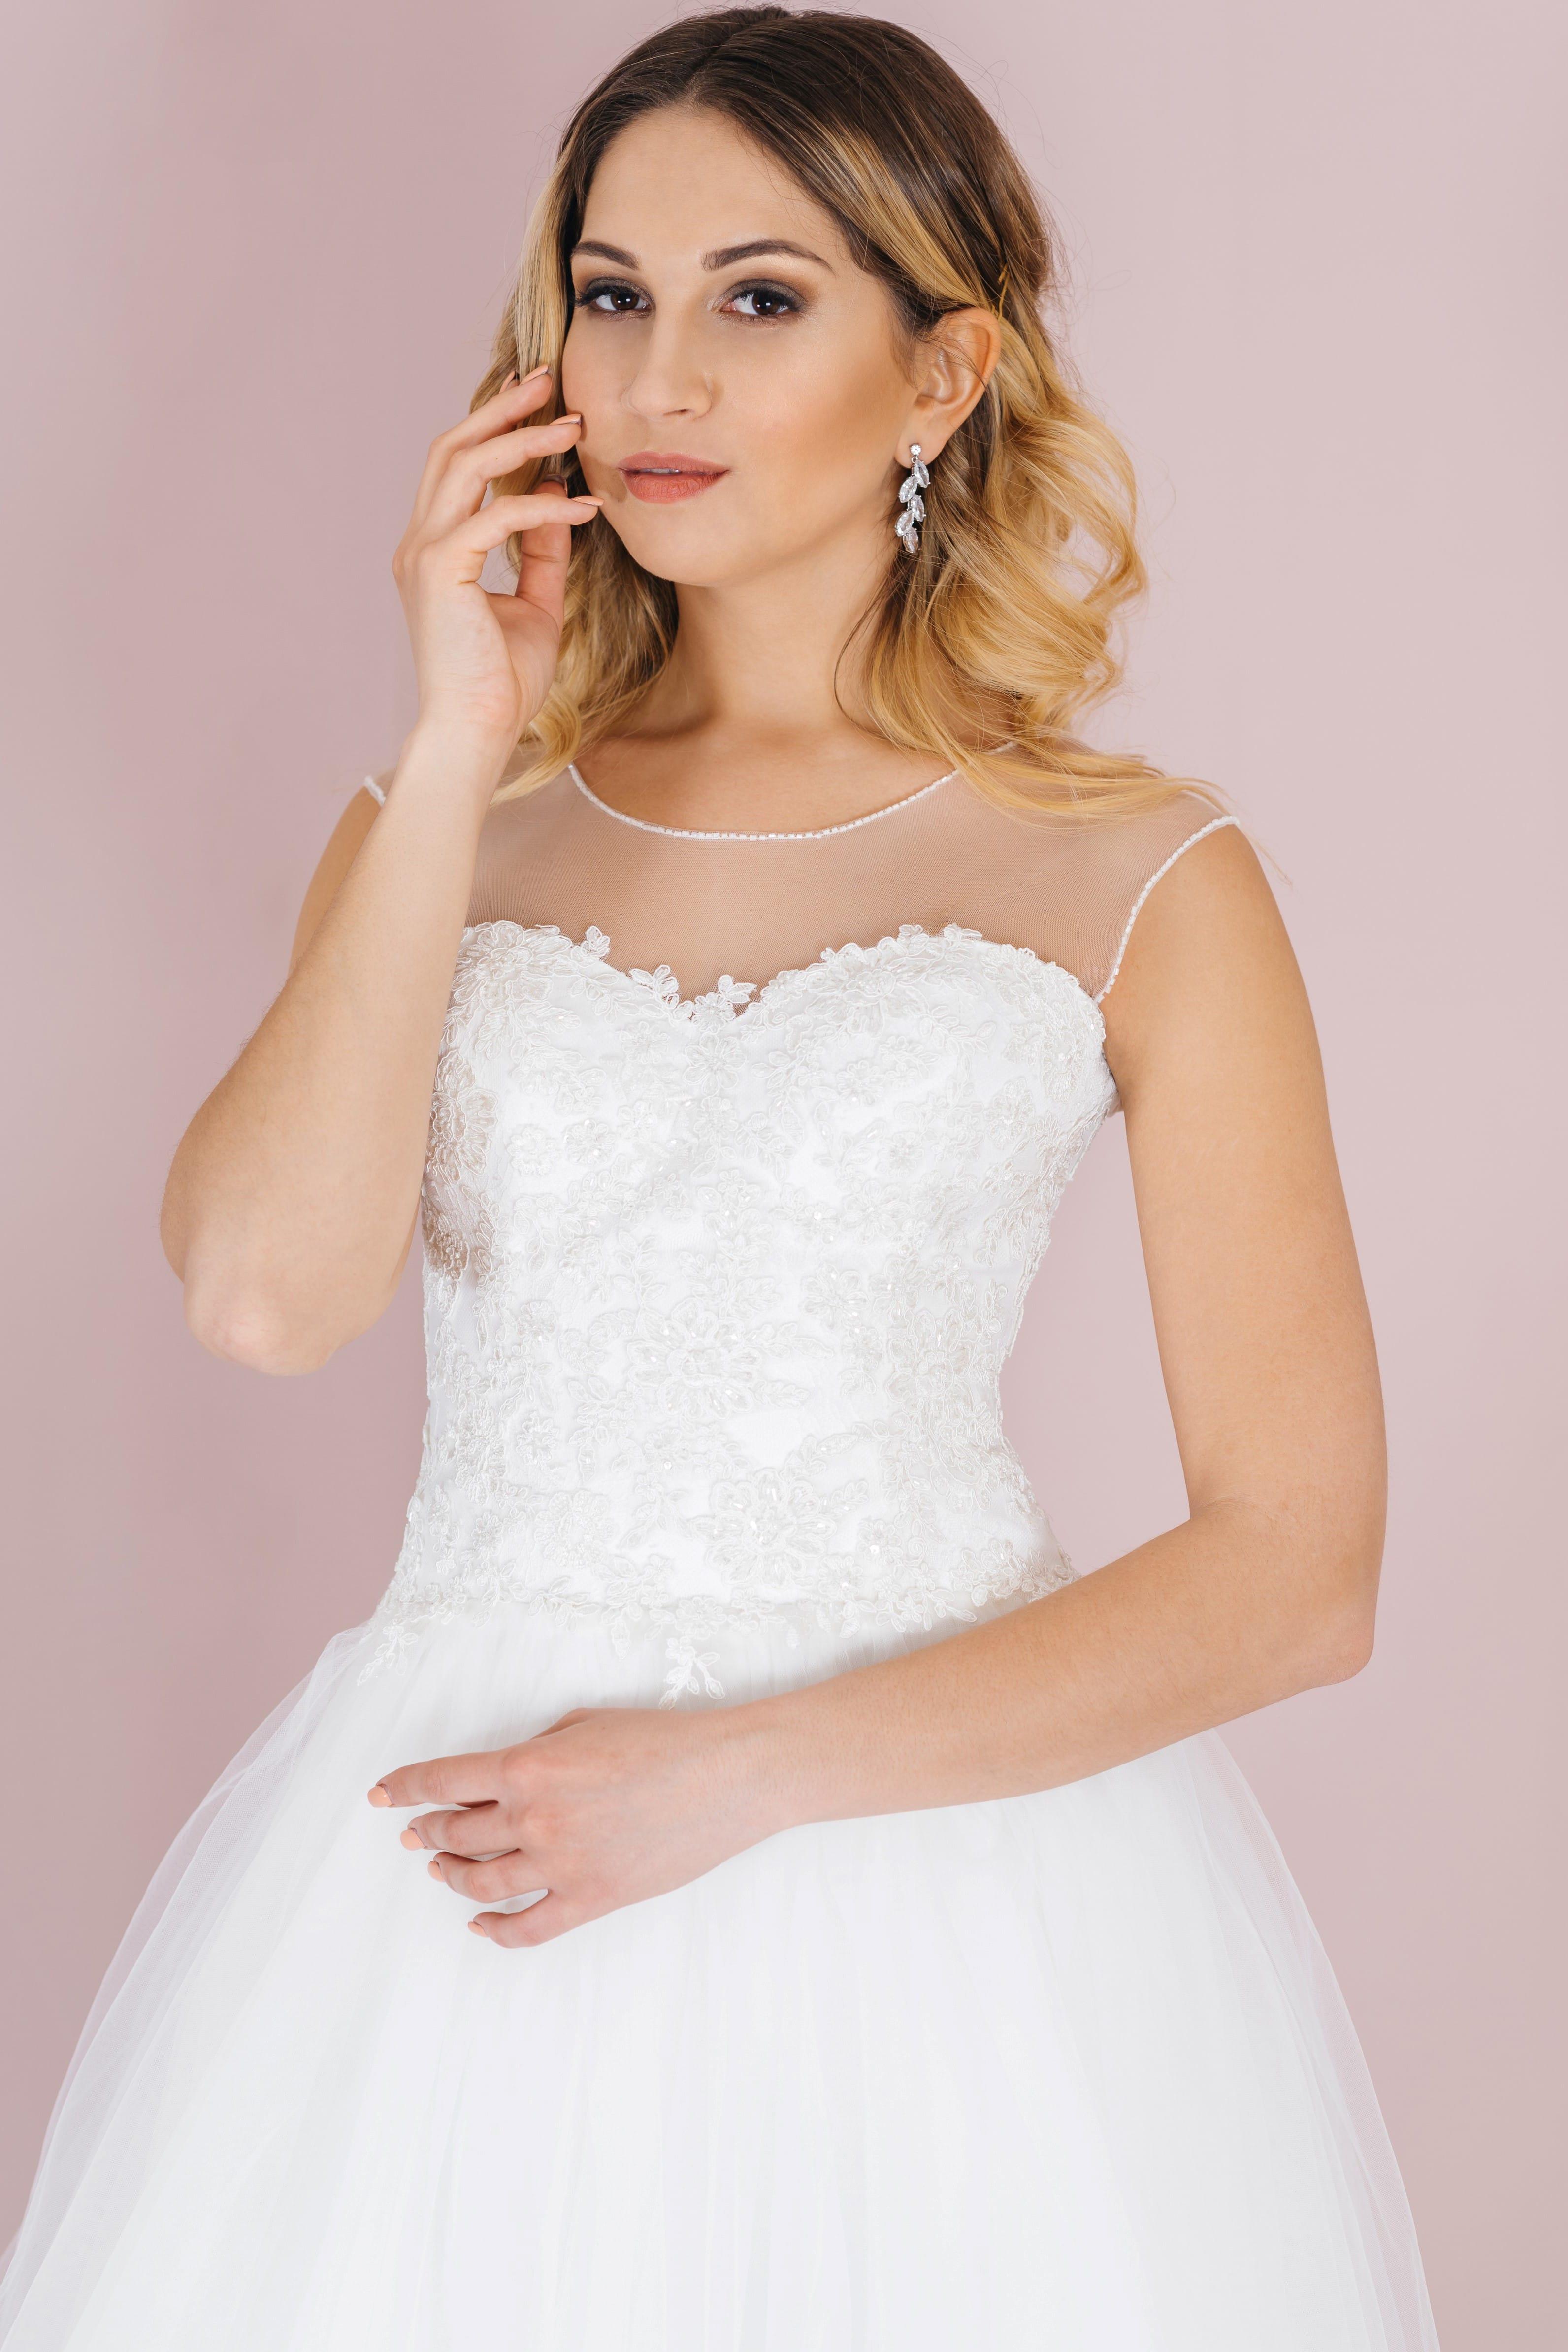 Свадебное платье GRACE, коллекция LOFT, бренд RARE BRIDAL, фото 5